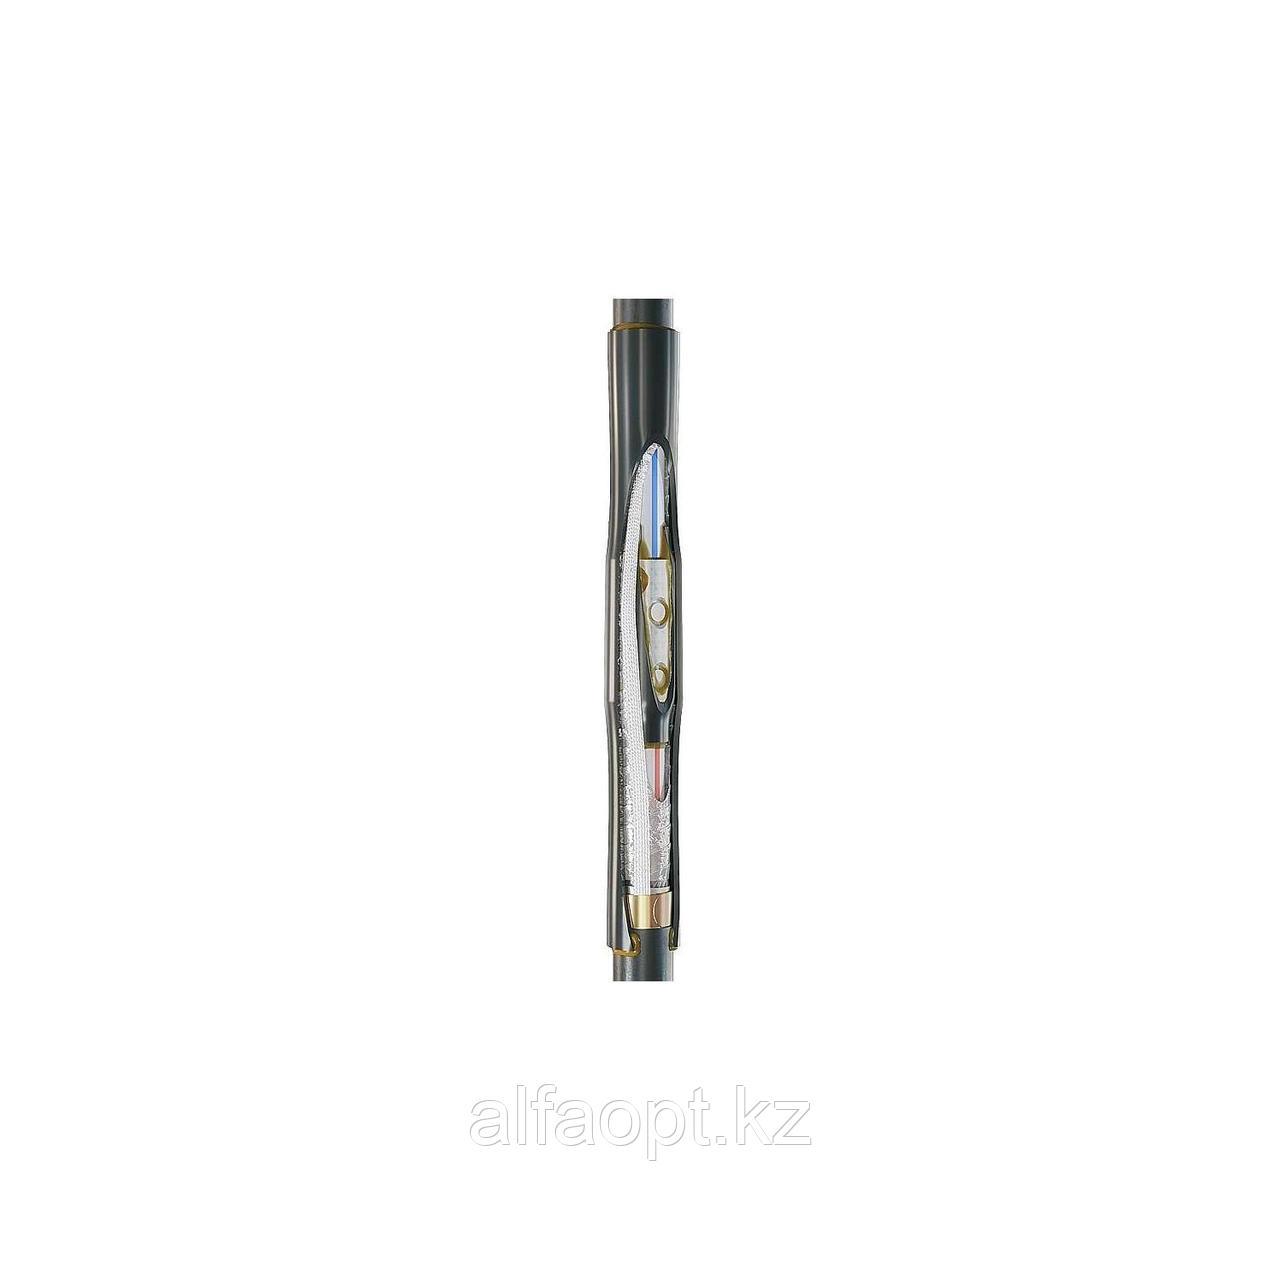 Кабельная муфта 1ПСТ-10-500/630 (КВТ)